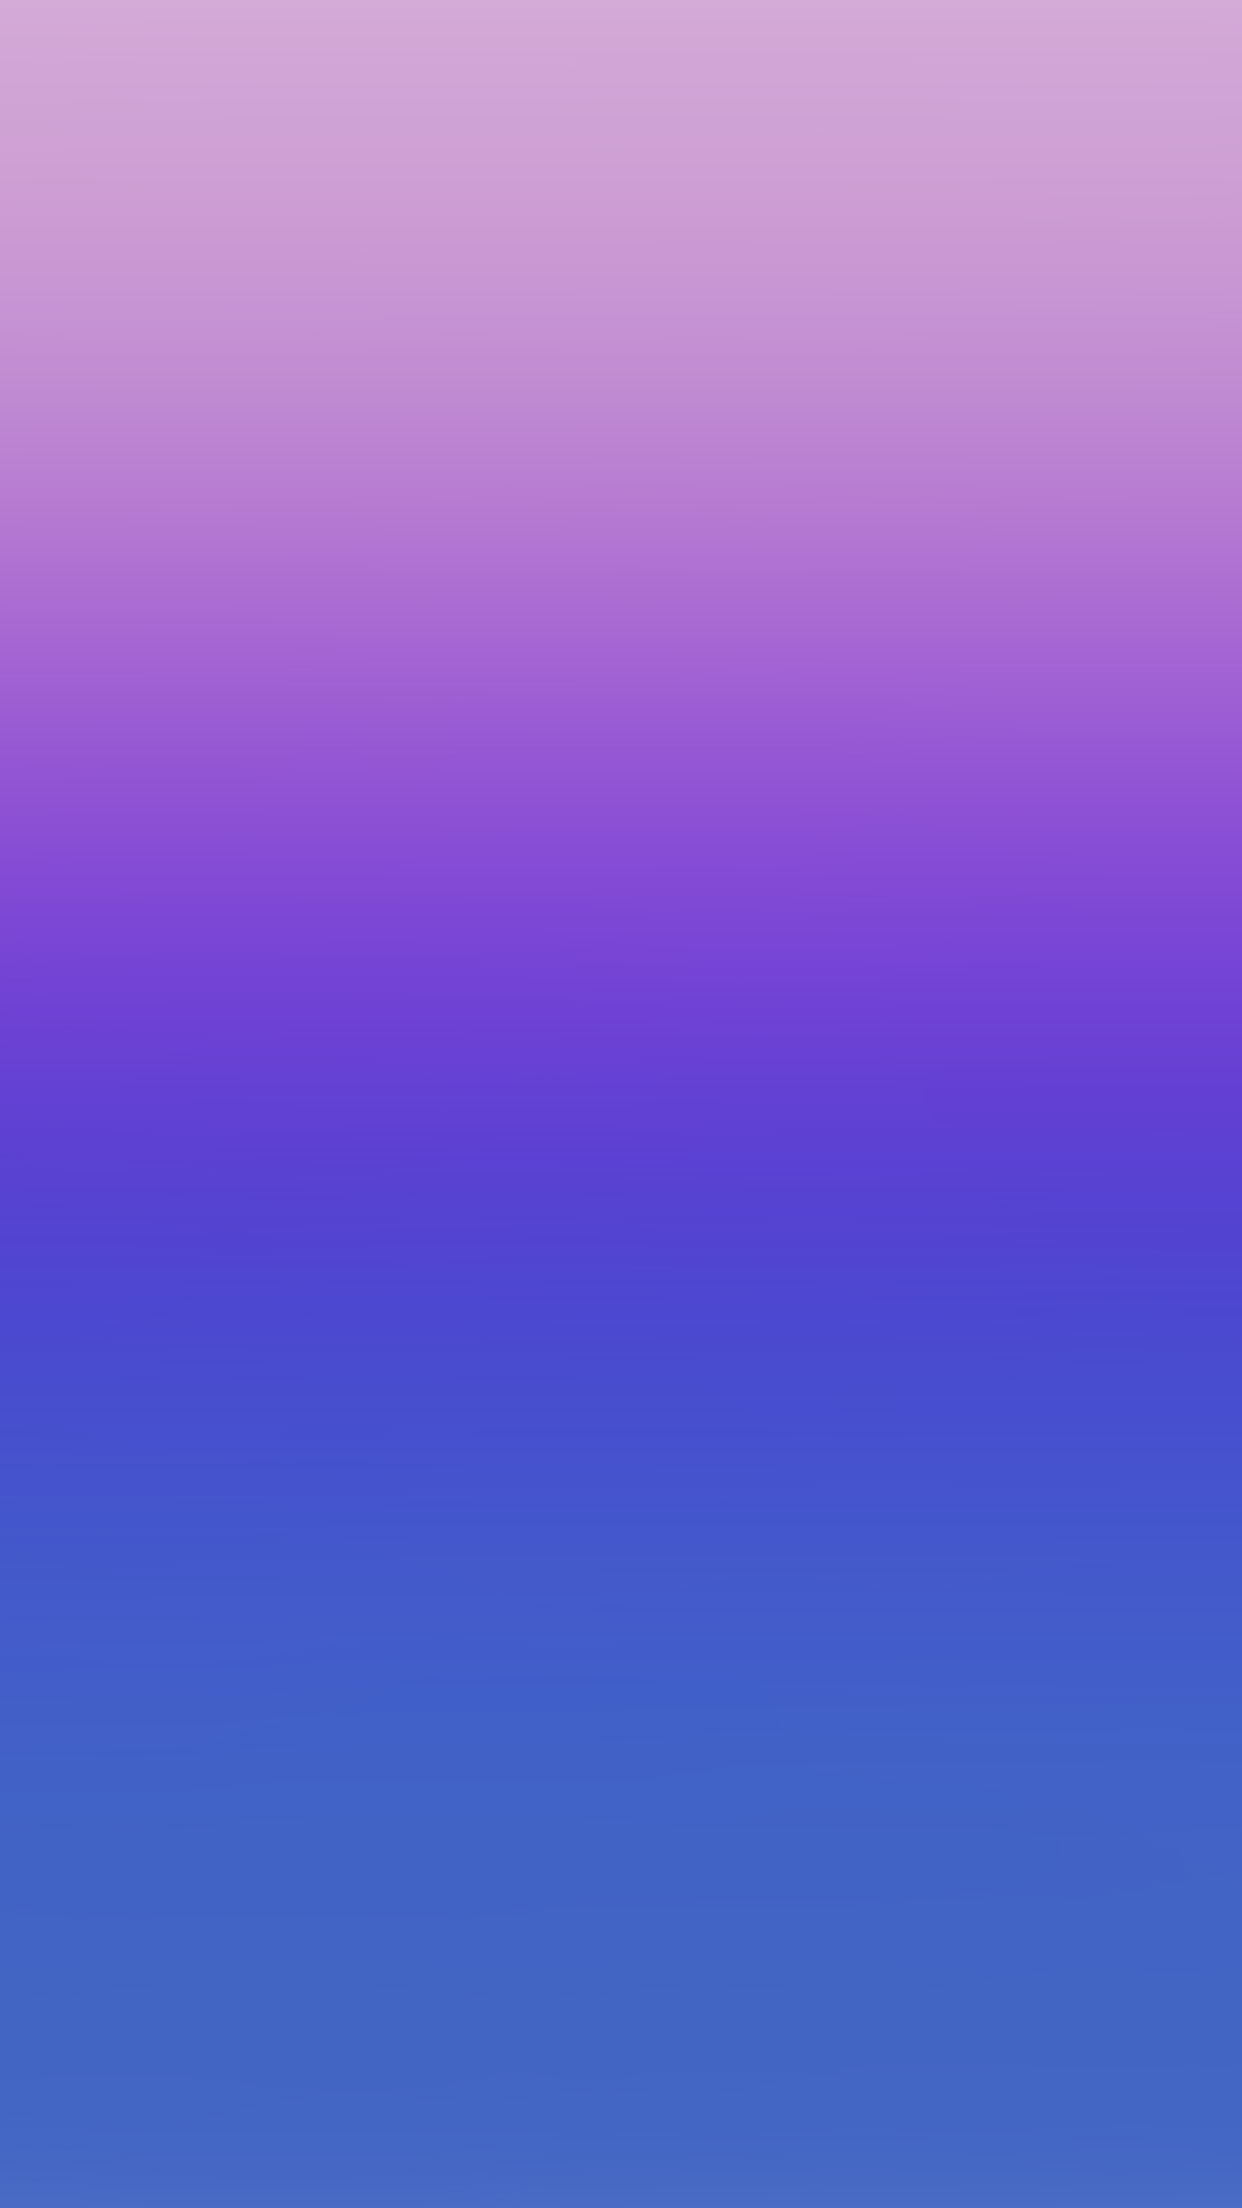 sk98-blue-purple-soft-night-blur-gradation ec52b9525